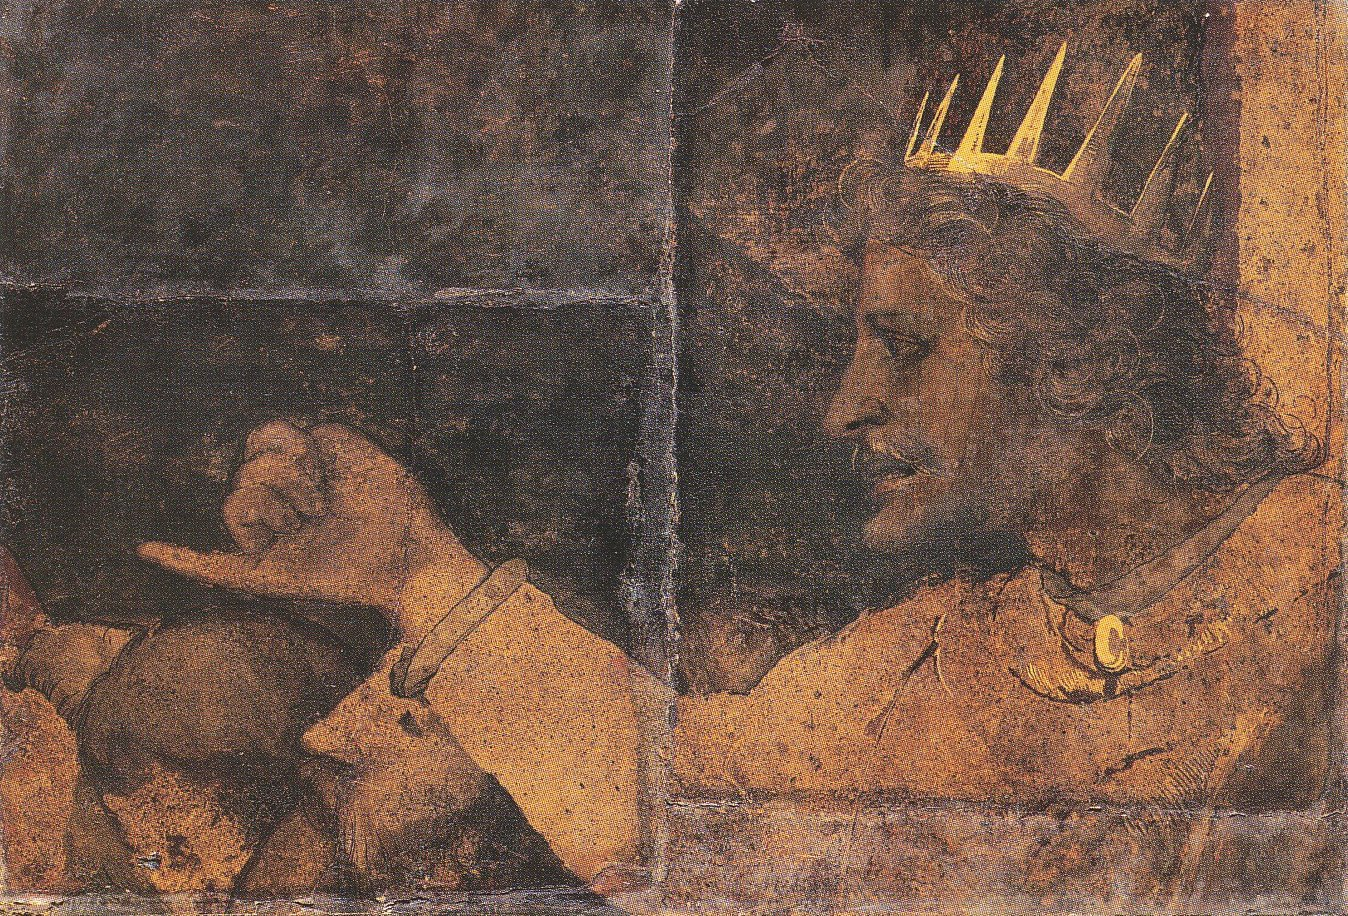 רחבעם מלך יהודה - ציור קיר מבאזל.